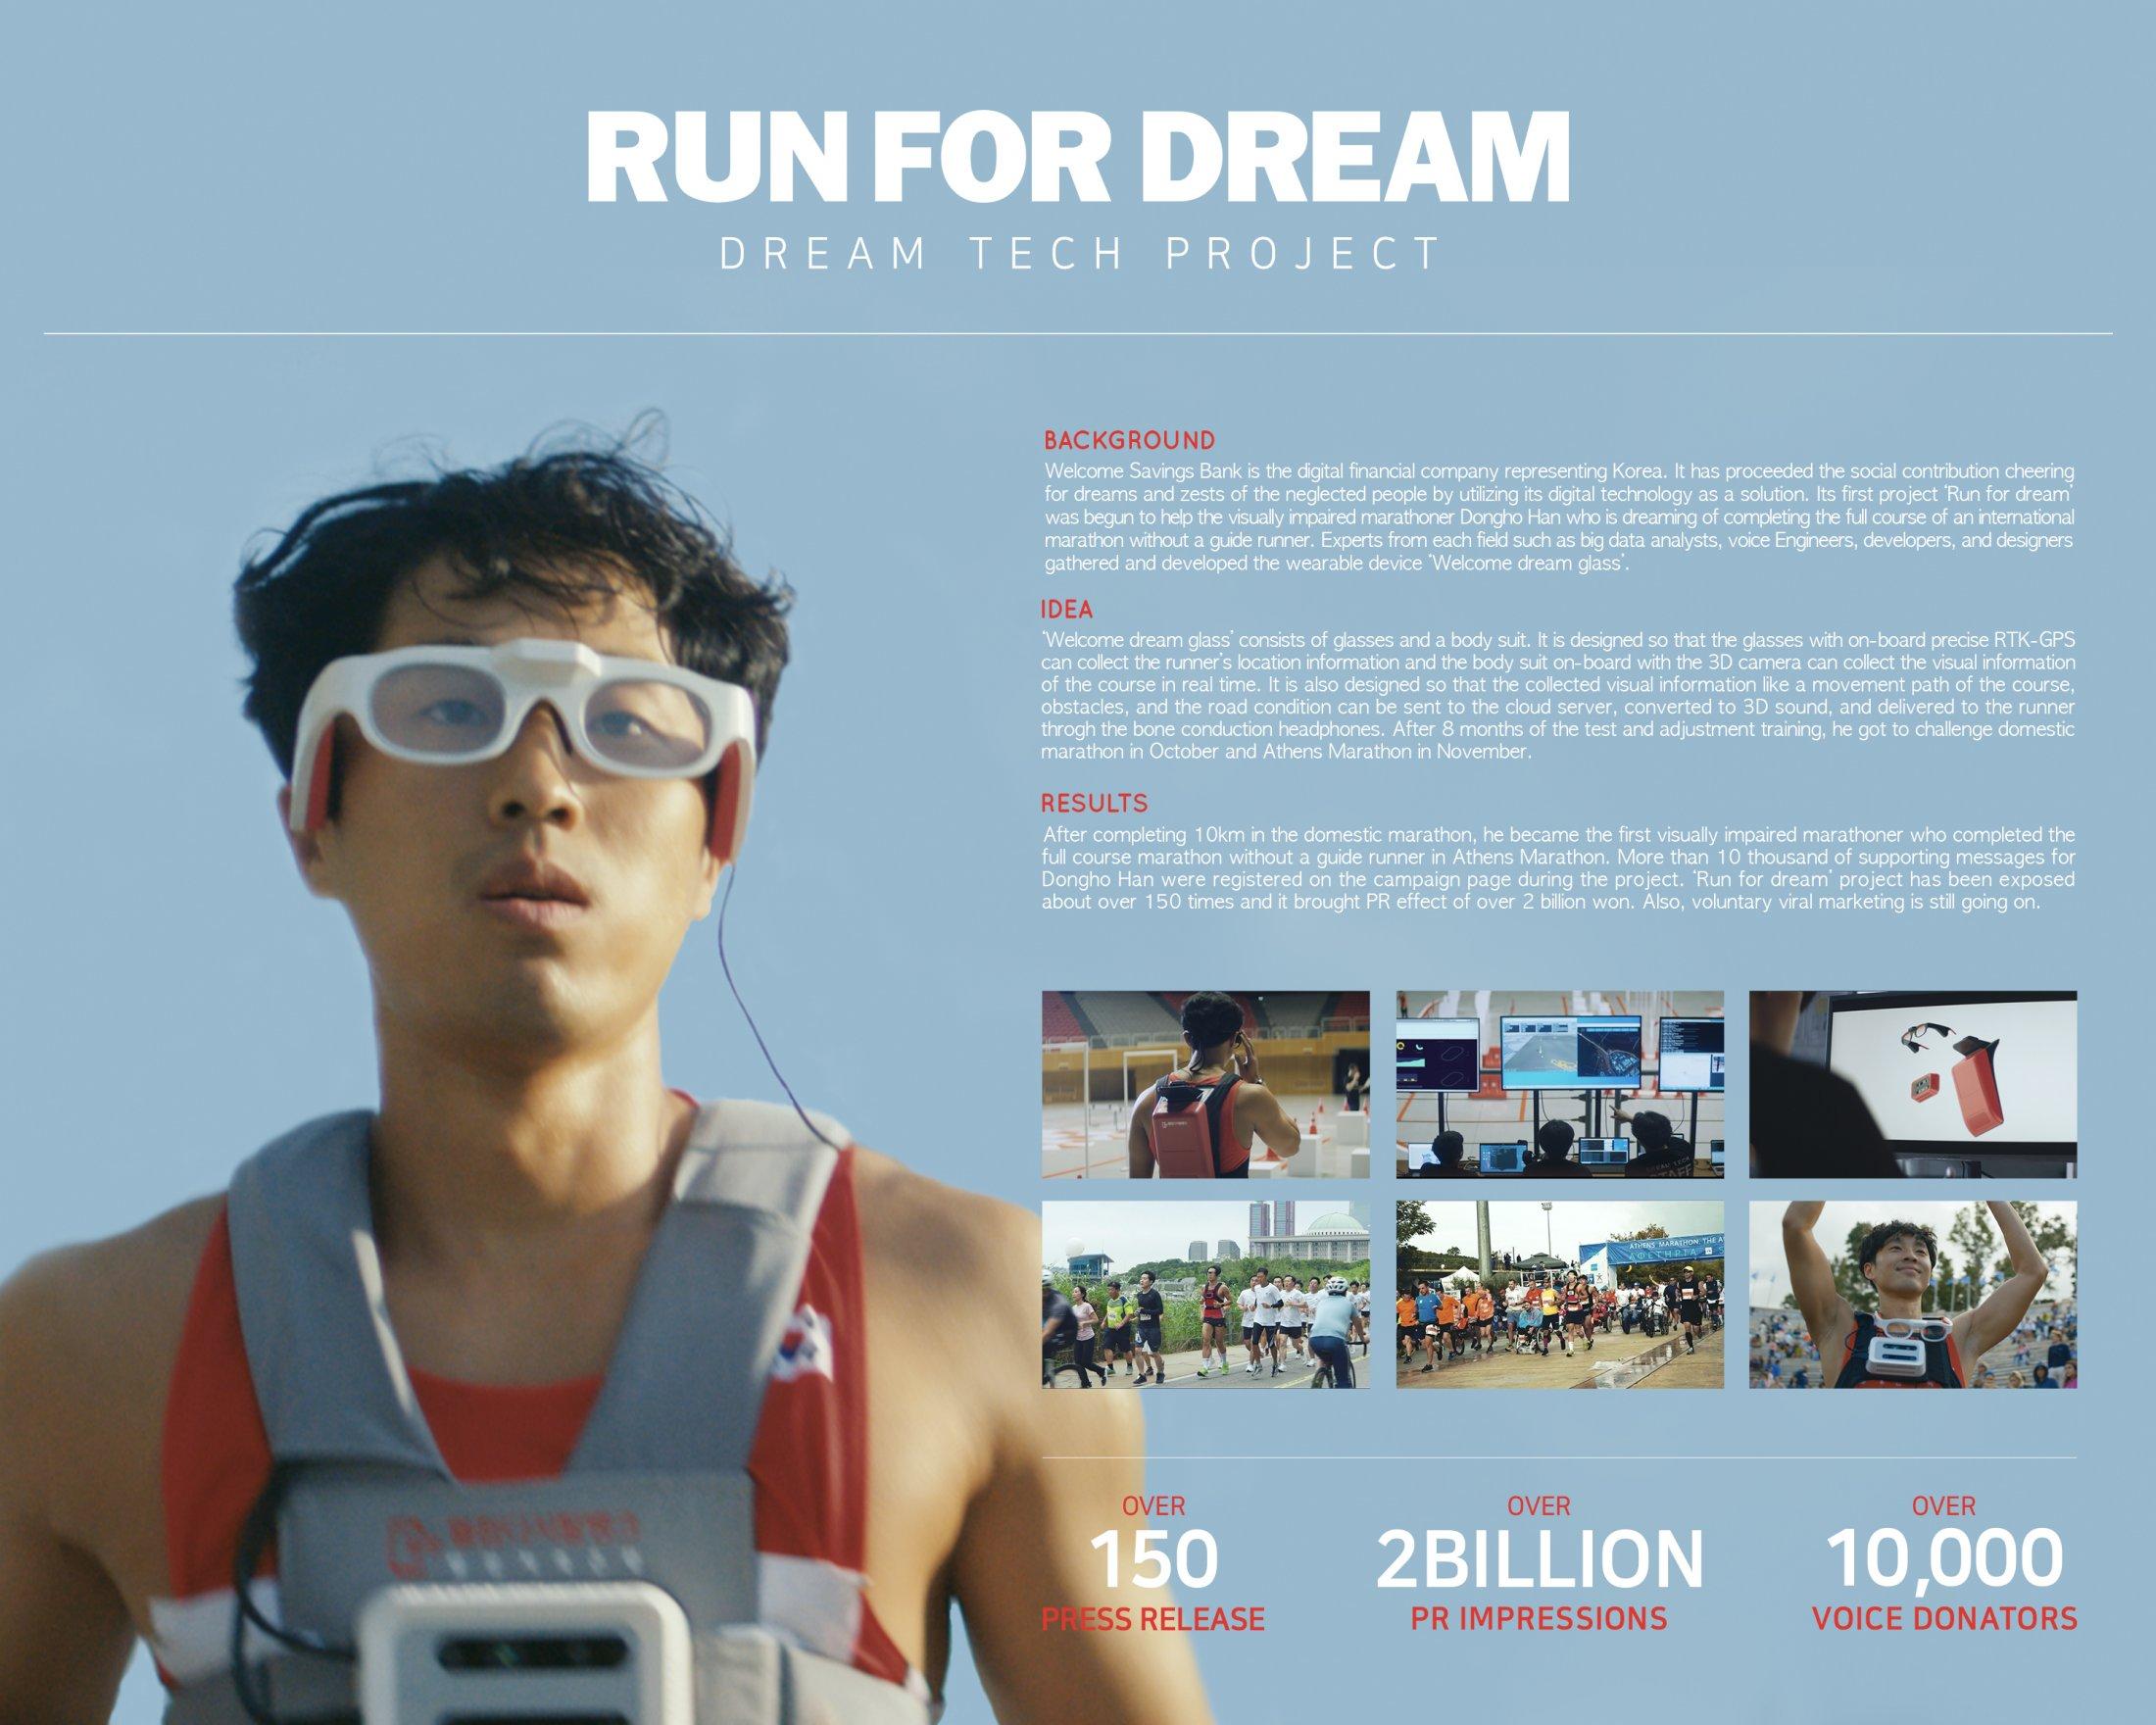 Thumbnail for RUN FOR DREAM